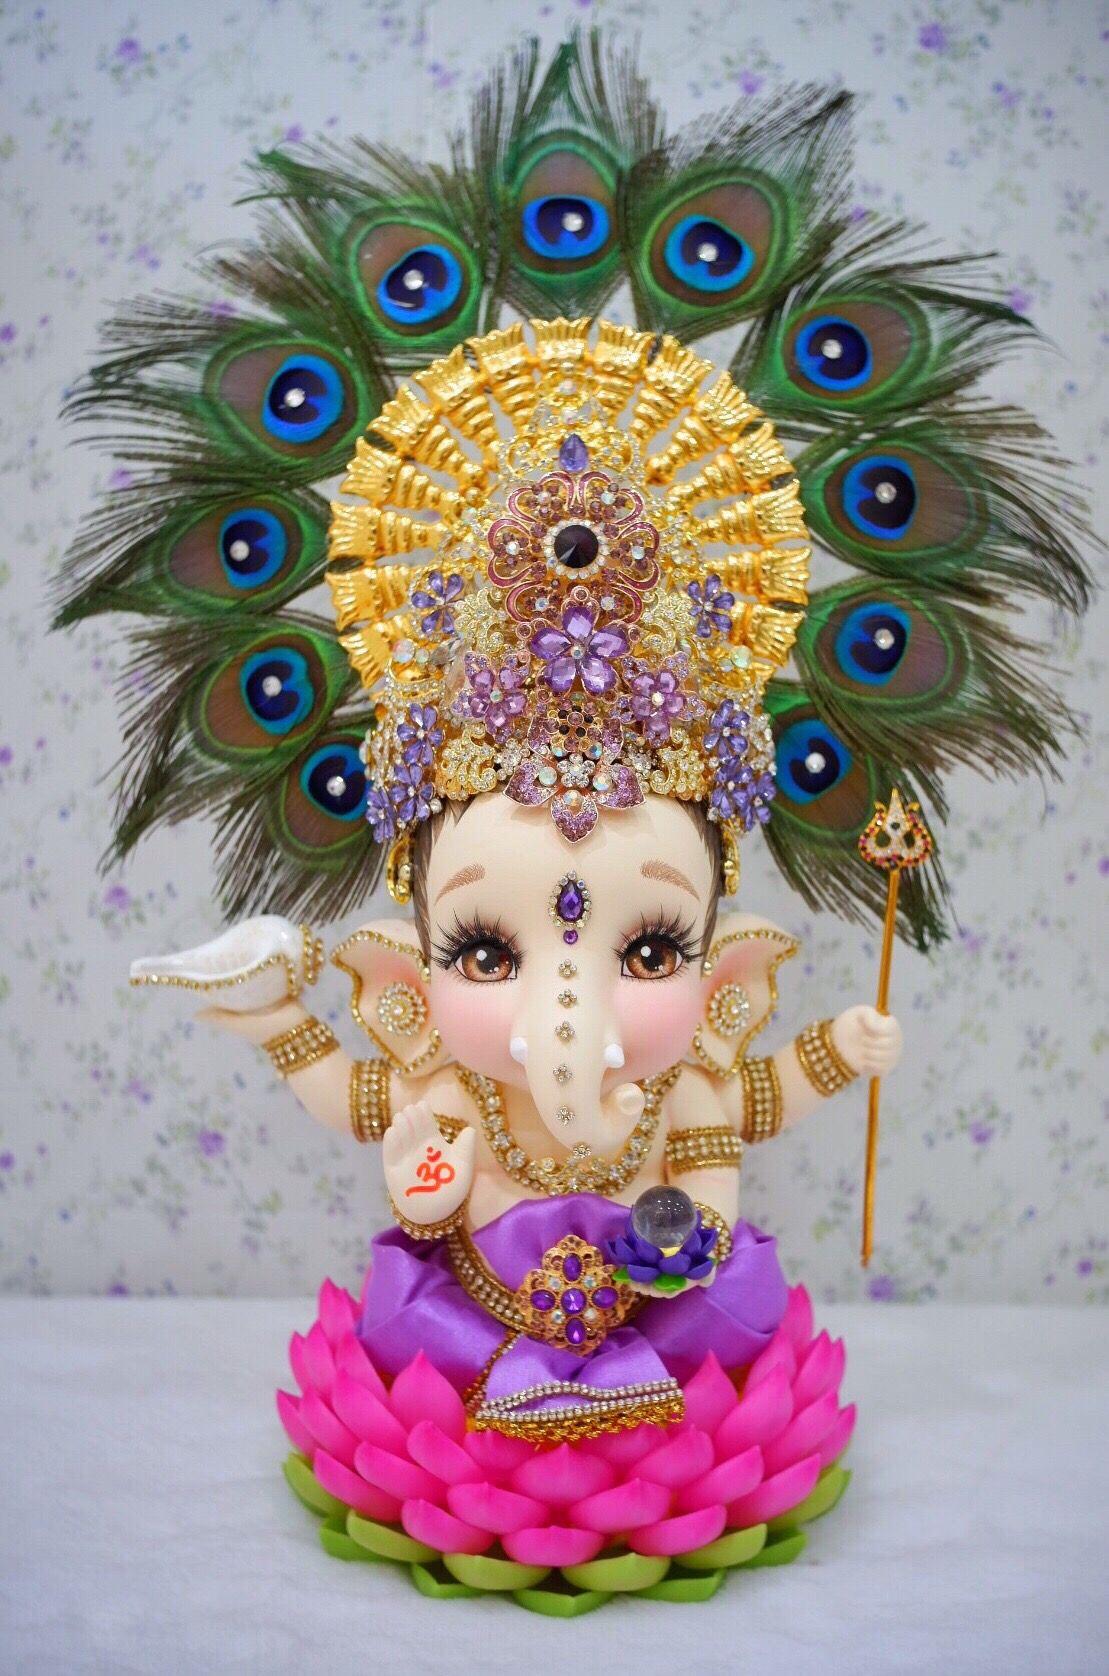 Pin By Adra Finnie On Ganesh Lord Ganesha Paintings Baby Ganesha Ganesha Painting